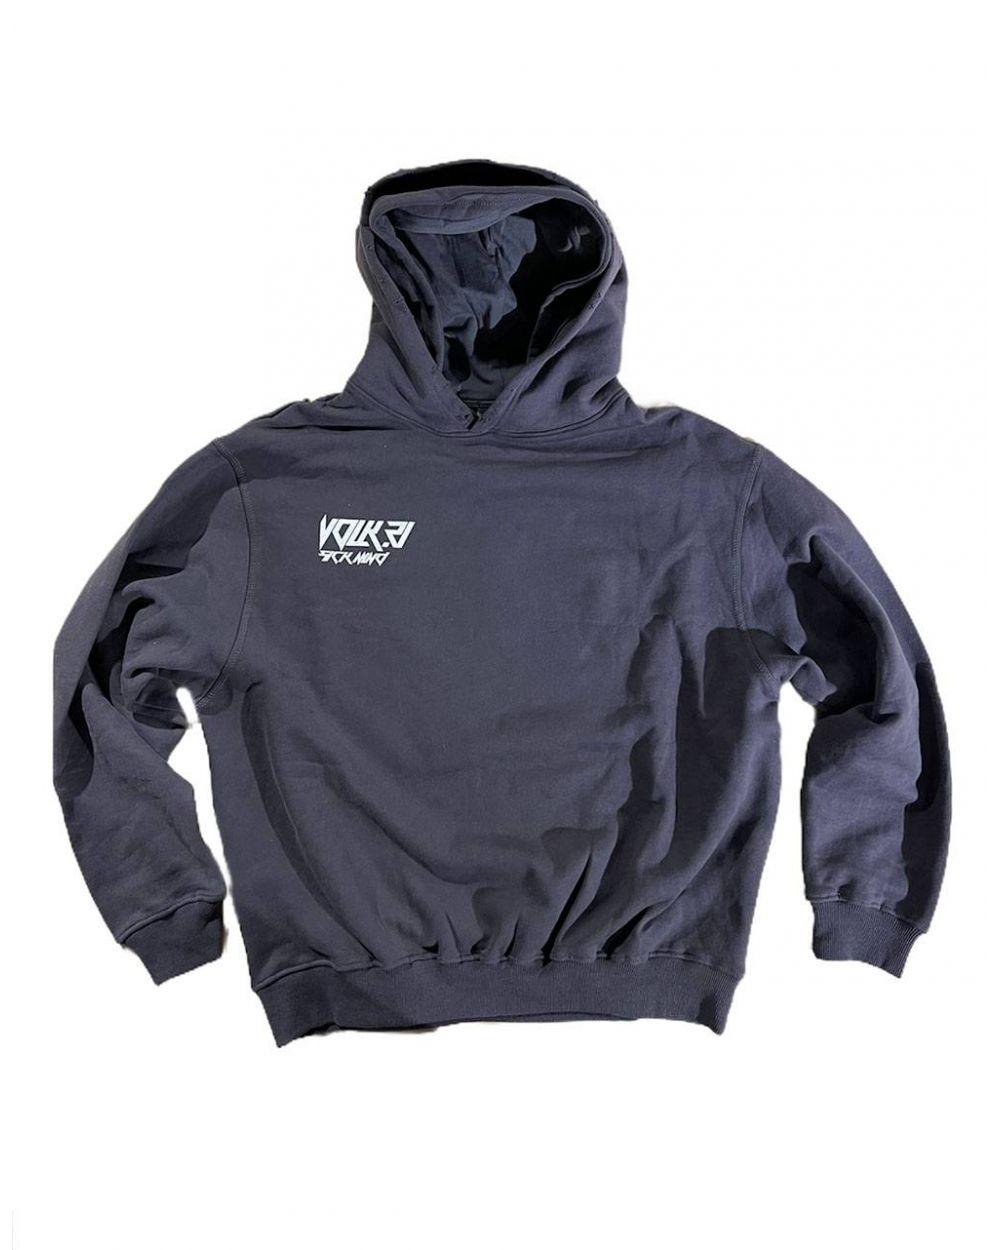 Volk sick mind Box fit hoodie - off black VOLK Sweater 113,93€